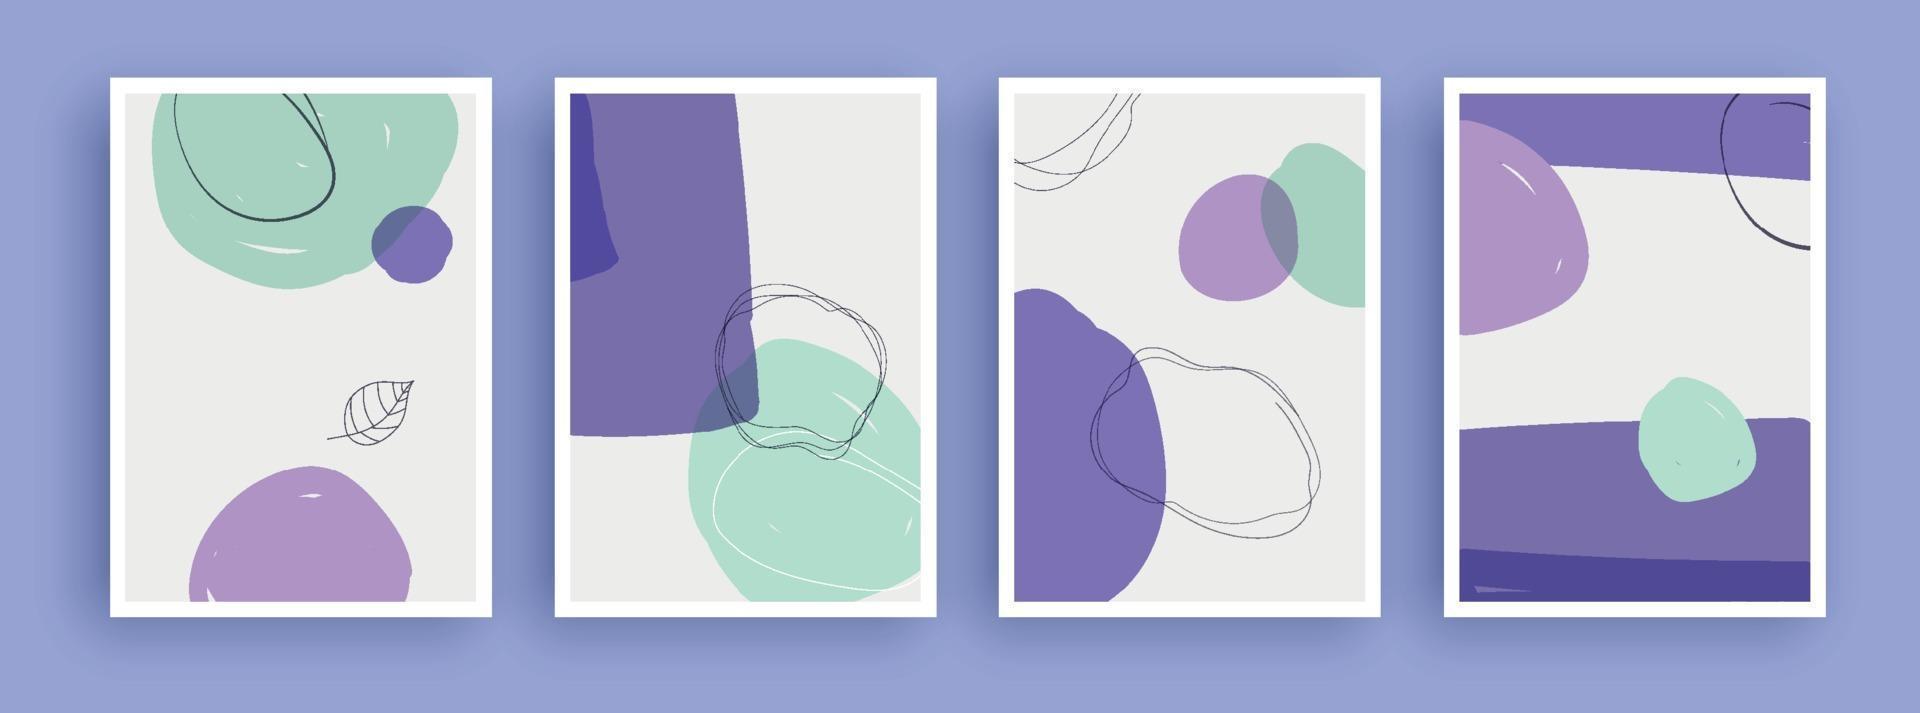 pittura di arte astratta con sfondo di colori pastello. elementi geometrici minimalisti e linea disegnata a mano. stile nordico scandinavo della metà del secolo. vettore